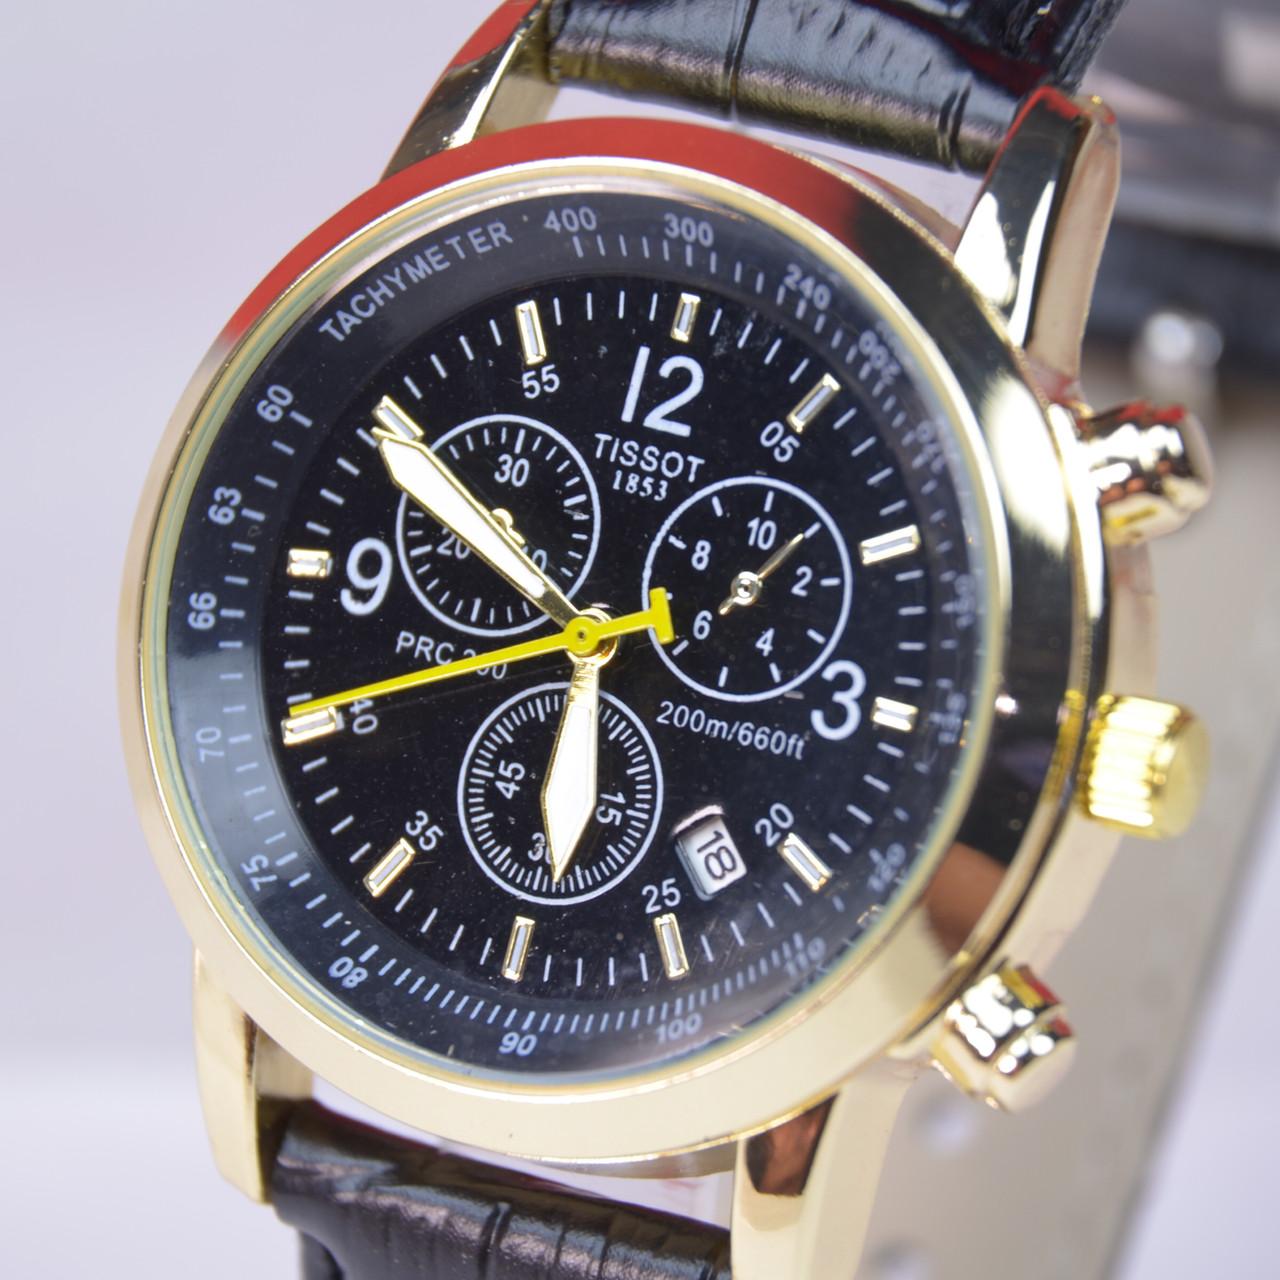 Мужские наручные часы с календарем (черный циферблат)